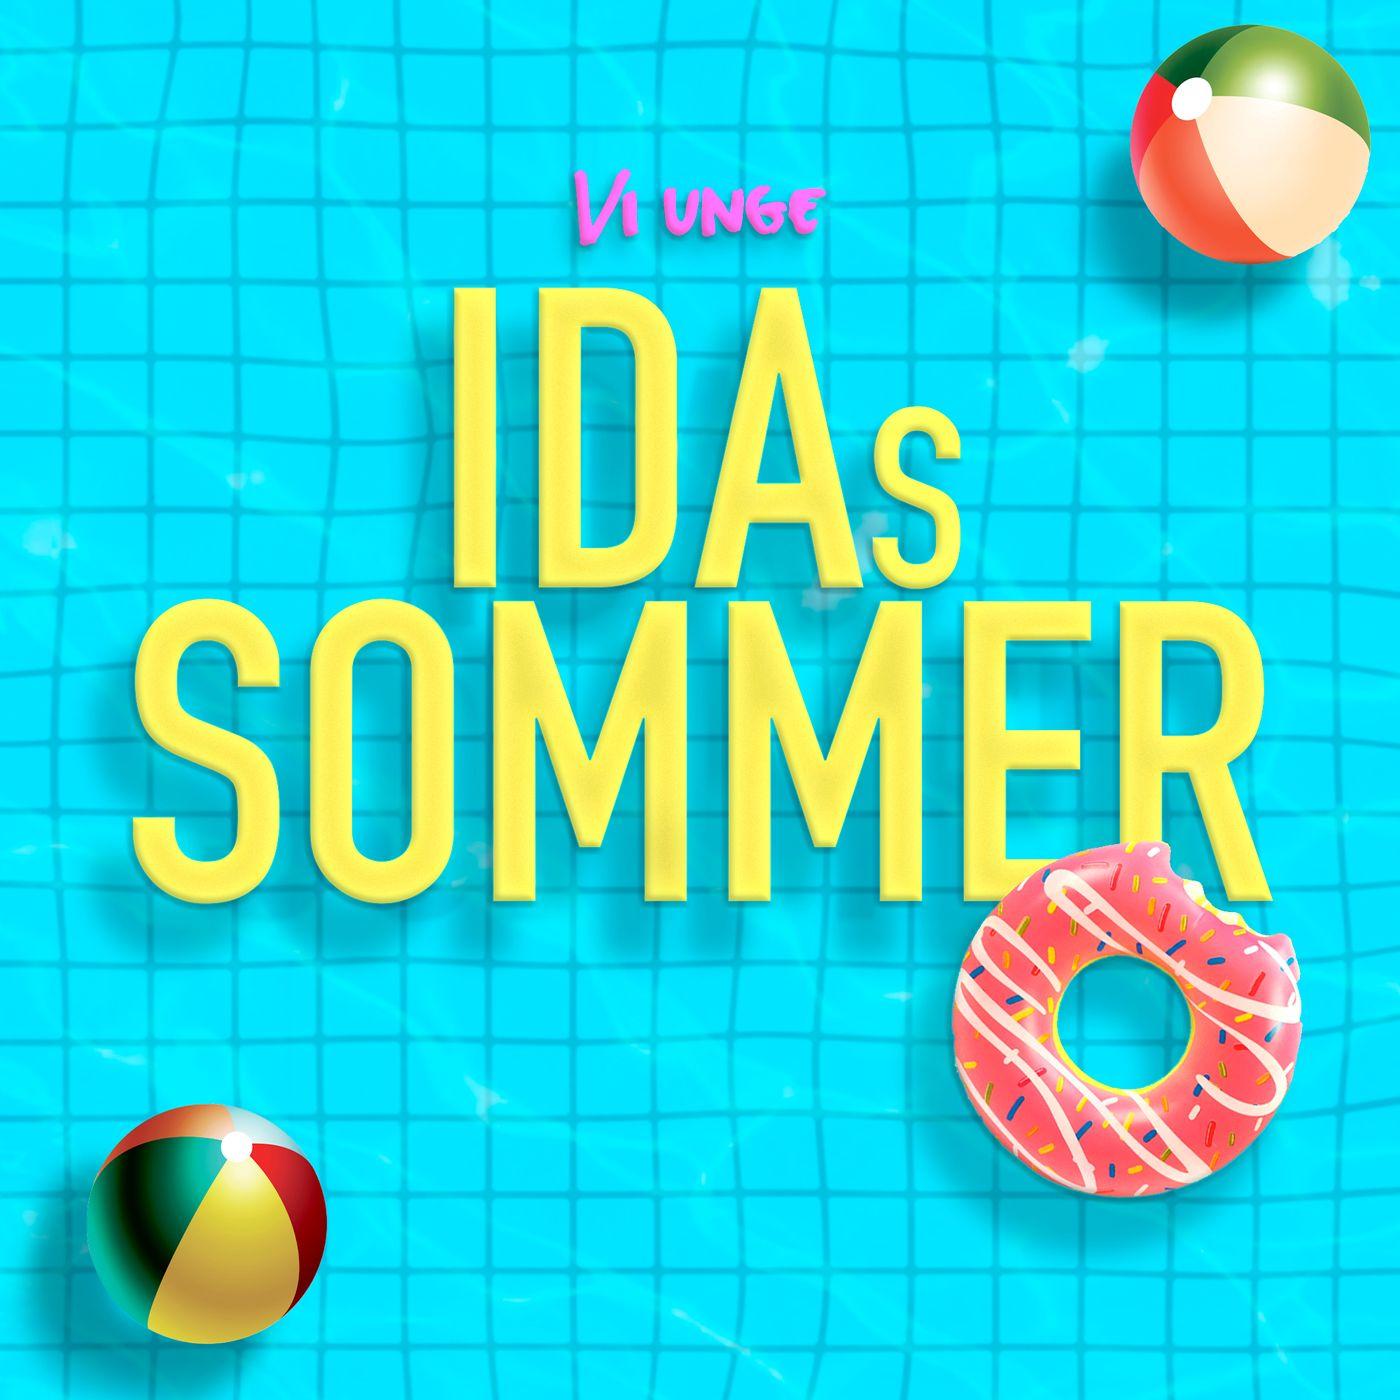 Idas sommer: Kapitel 1 - Ferien er aflyst!